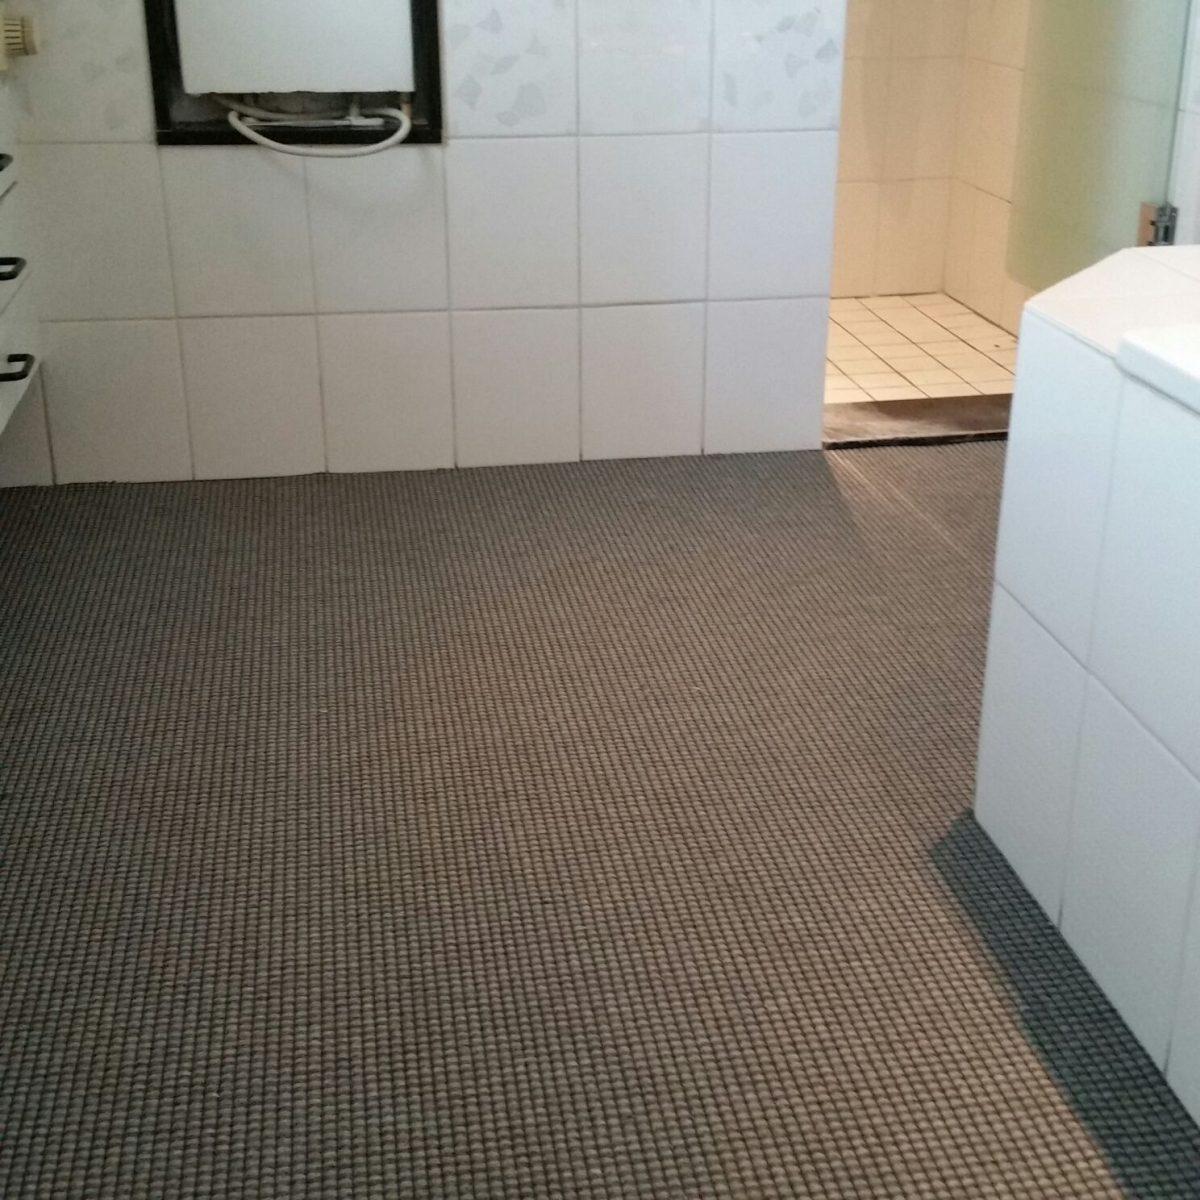 Badkamer tapijt zand